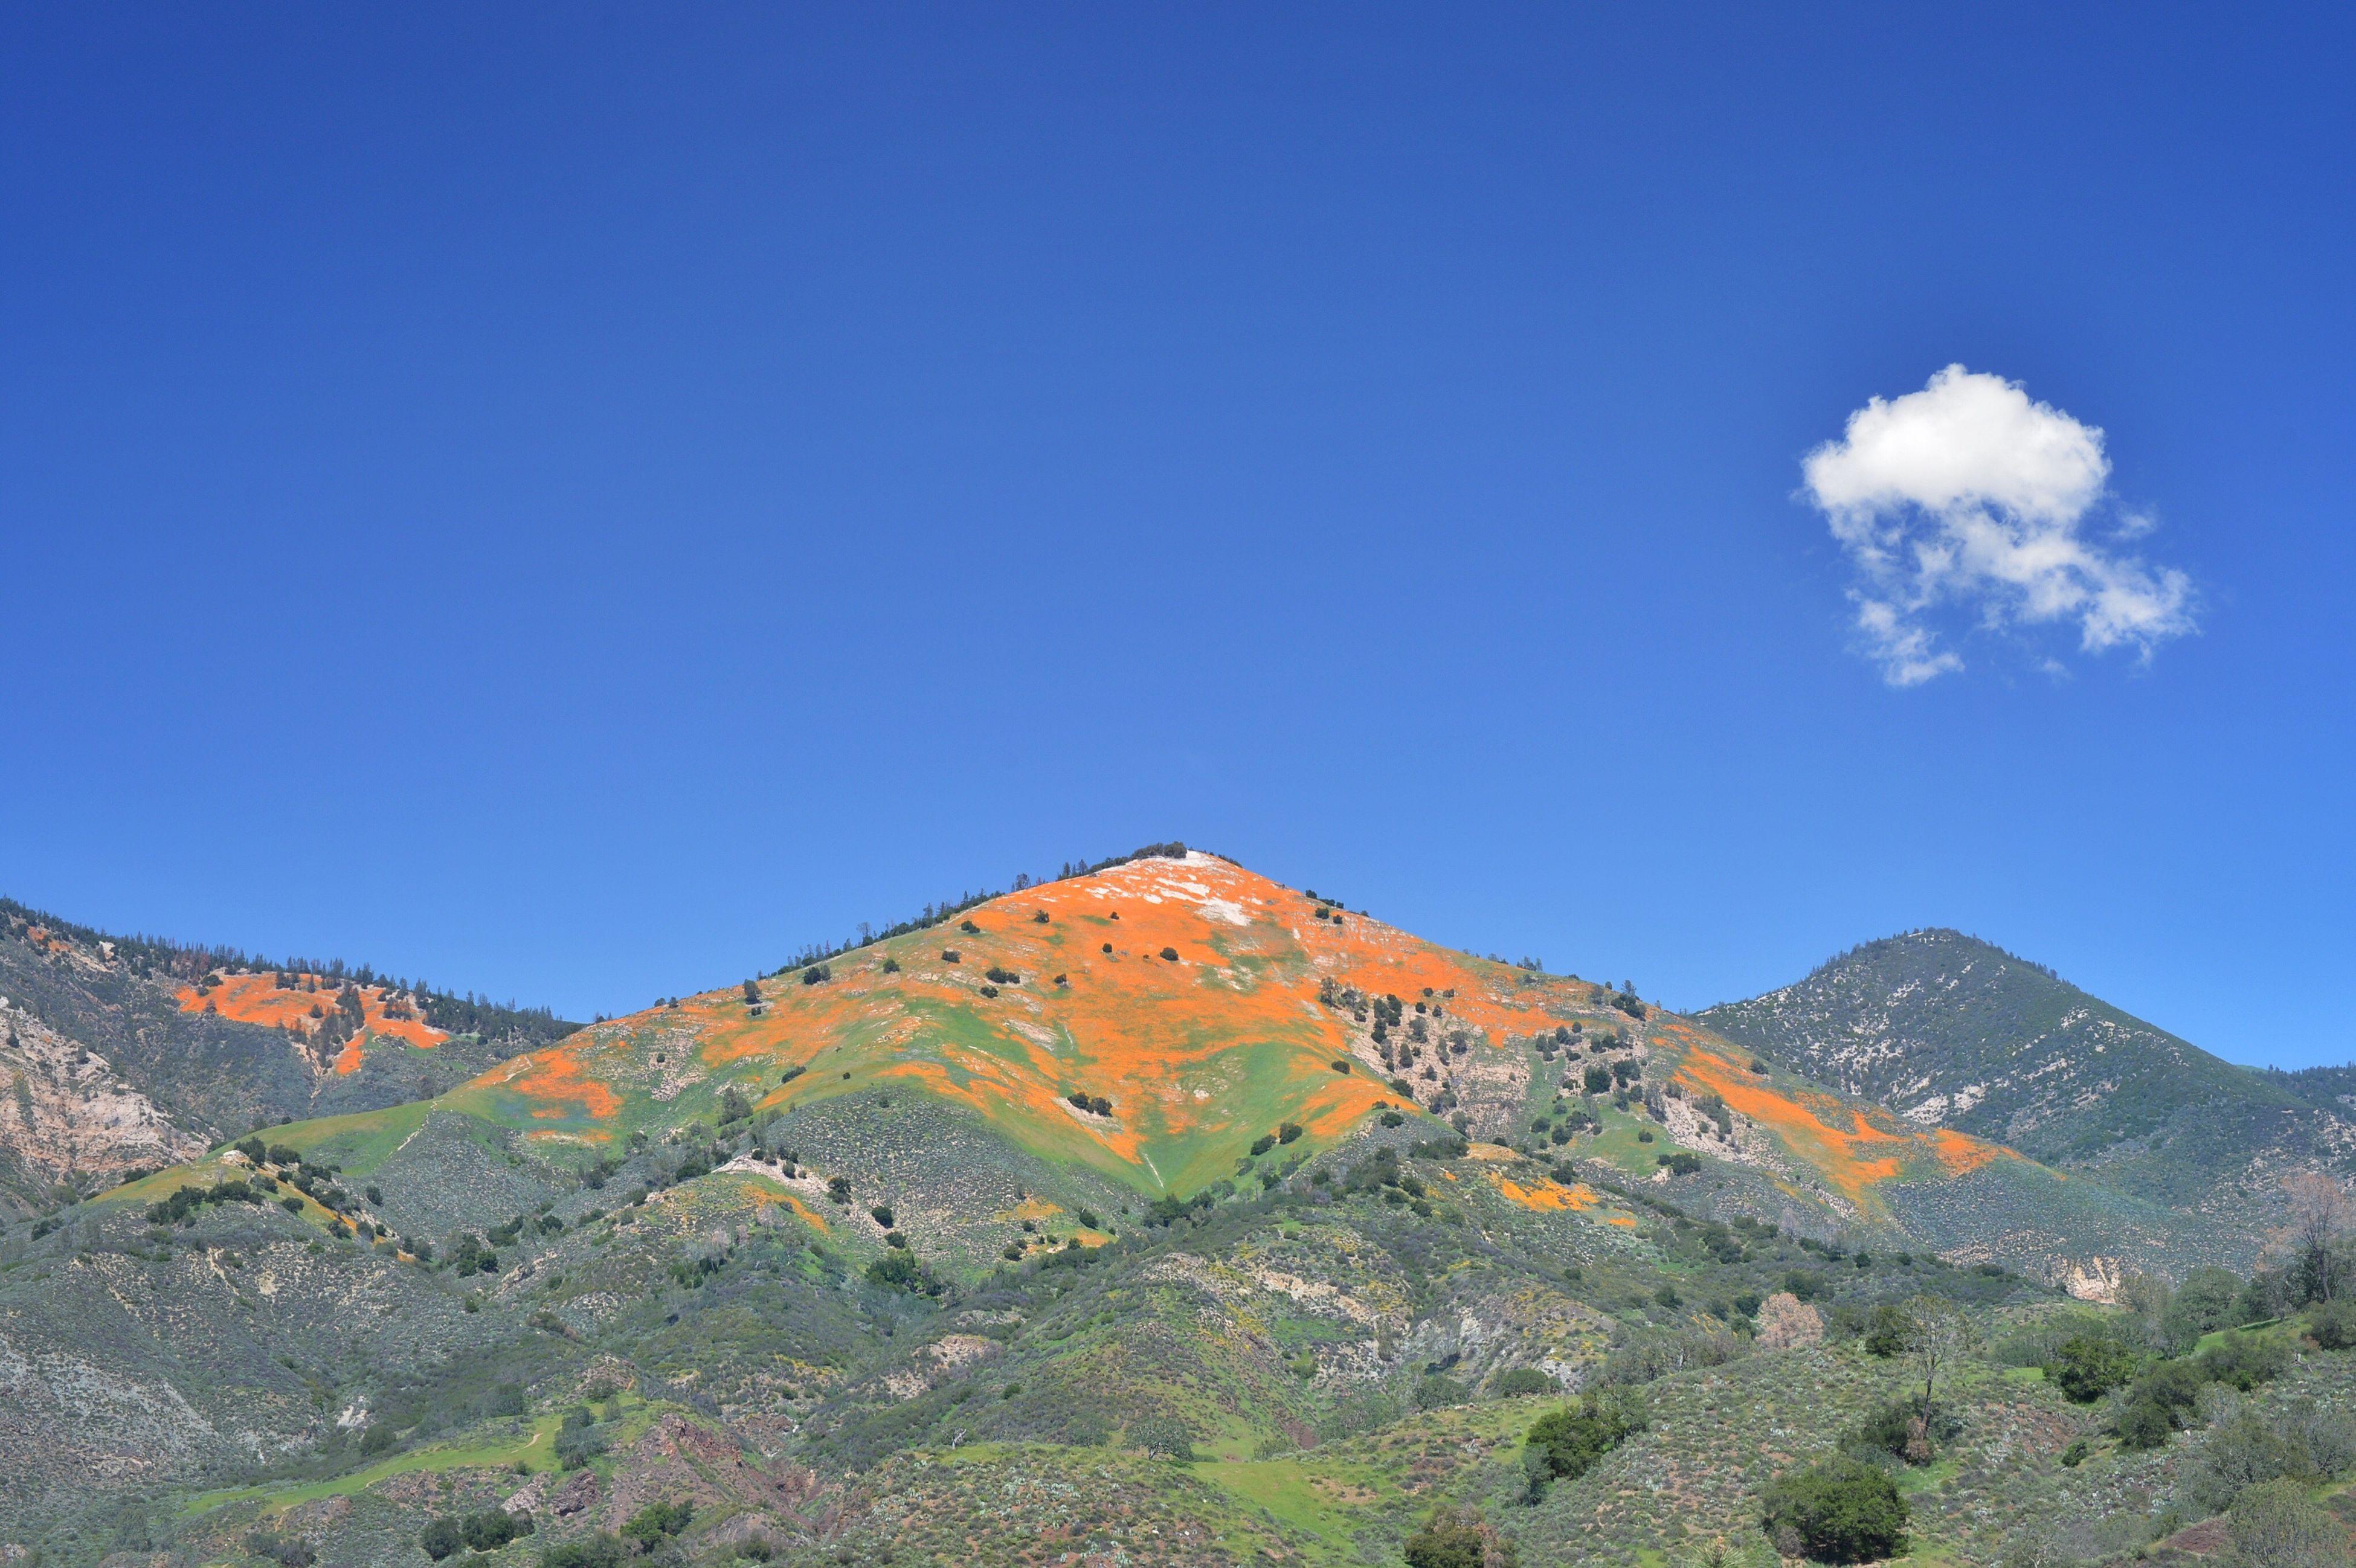 Fresh Poppies  Mountains Mountain View Figueroa Mountain